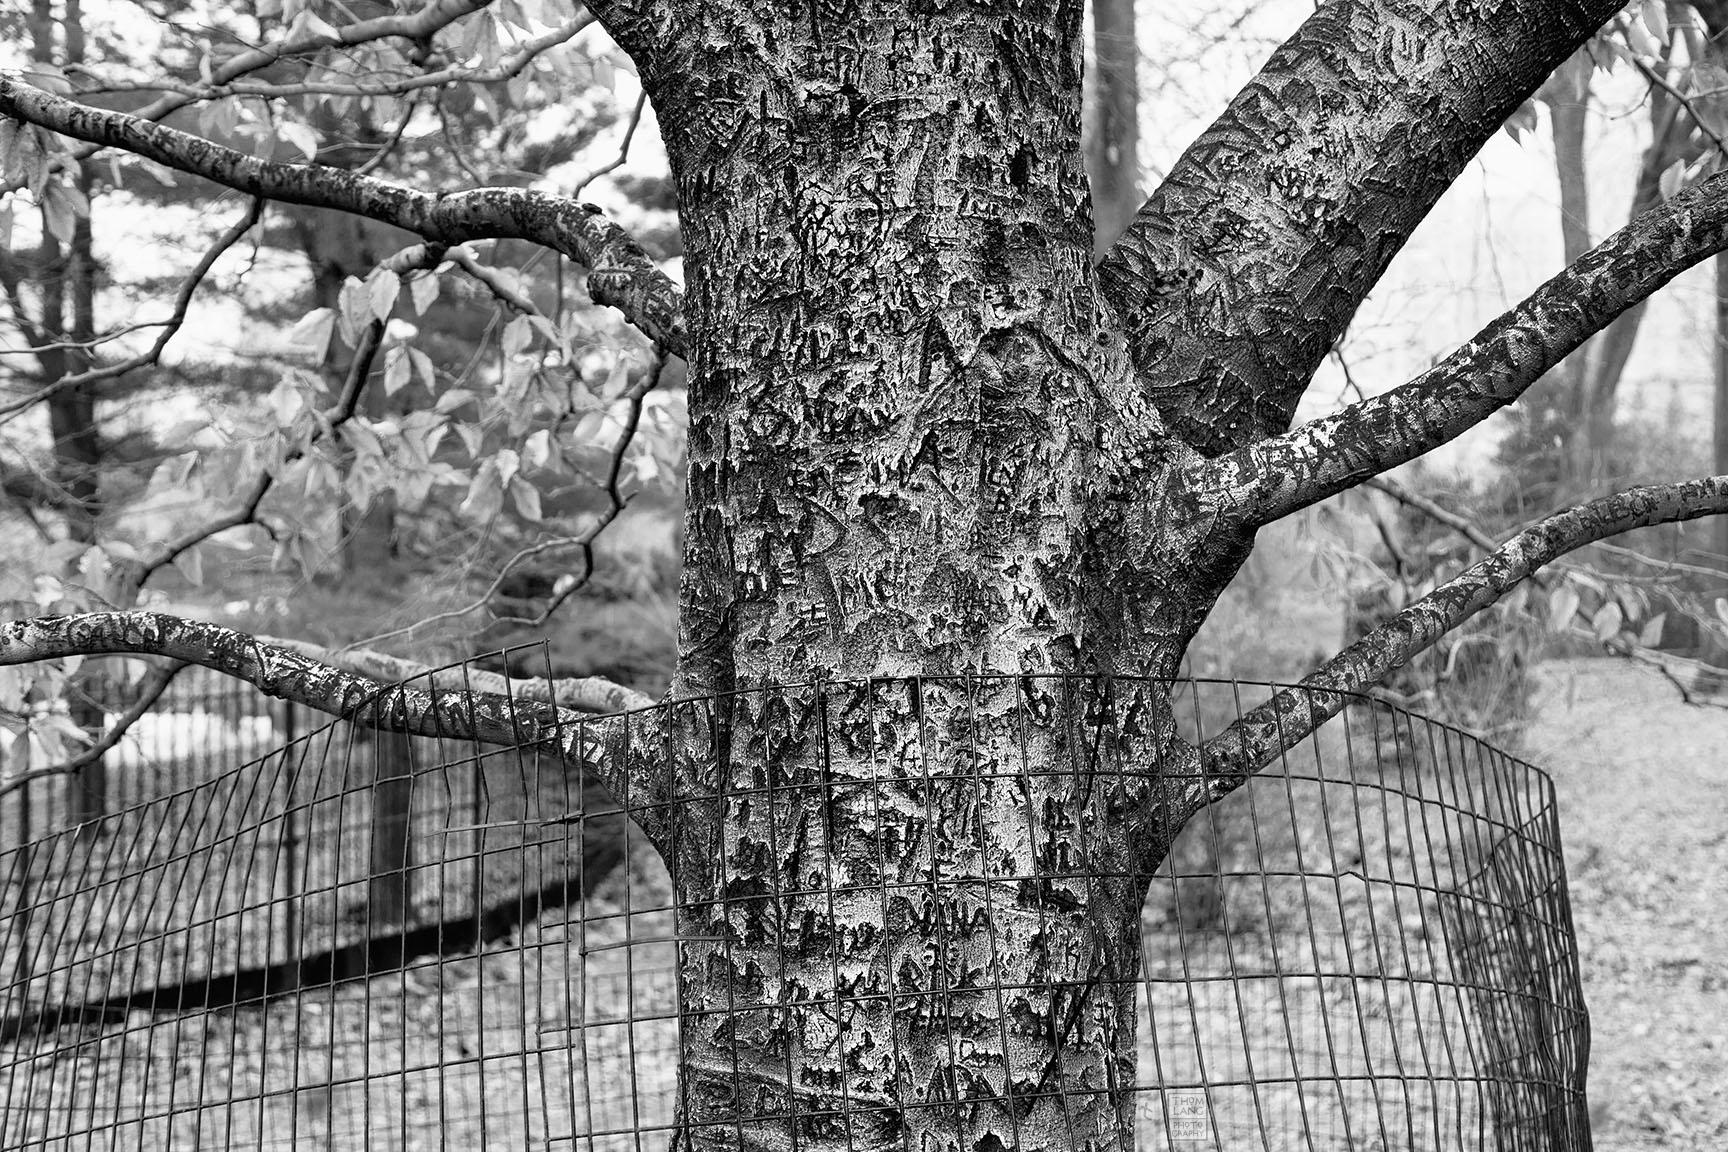 04_Tattoo Tree_6205-BLOG